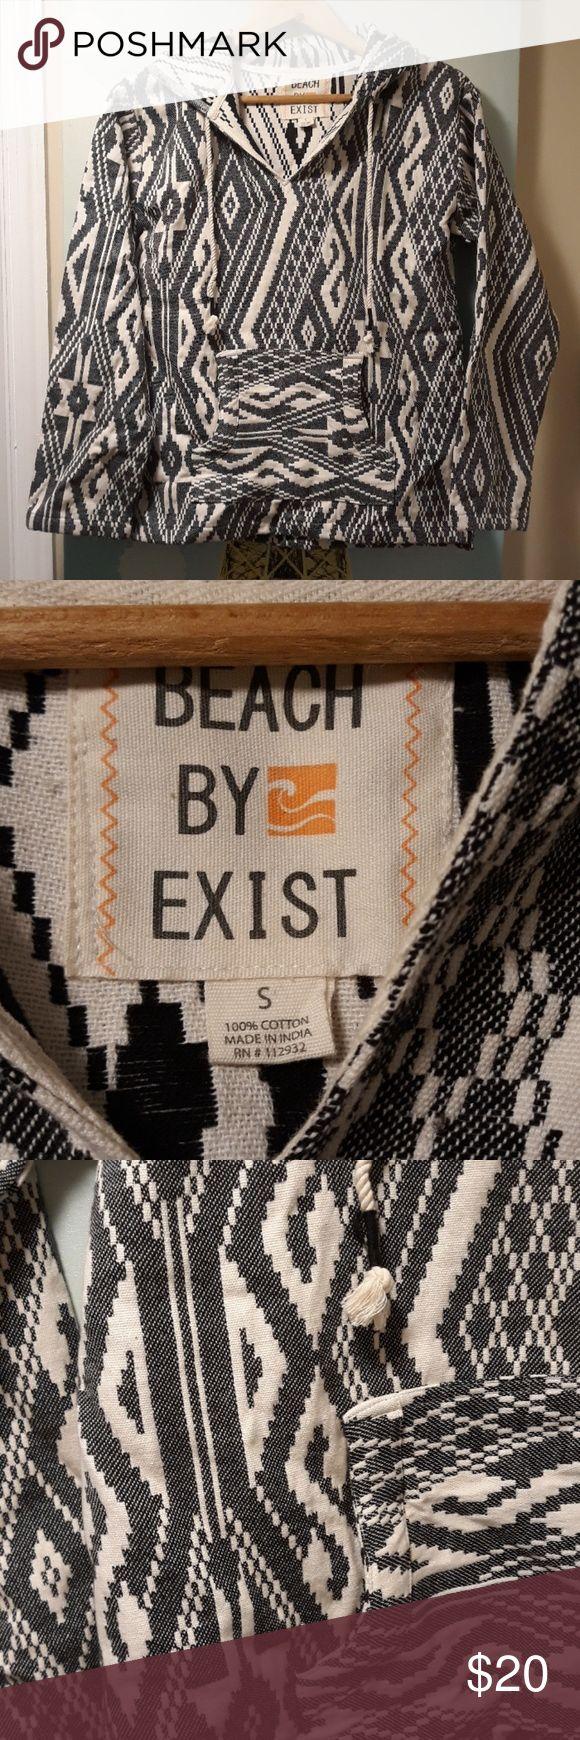 Beach By Exist Hoodie Sz S Hoodies Women Shopping Sweatshirts Hoodie